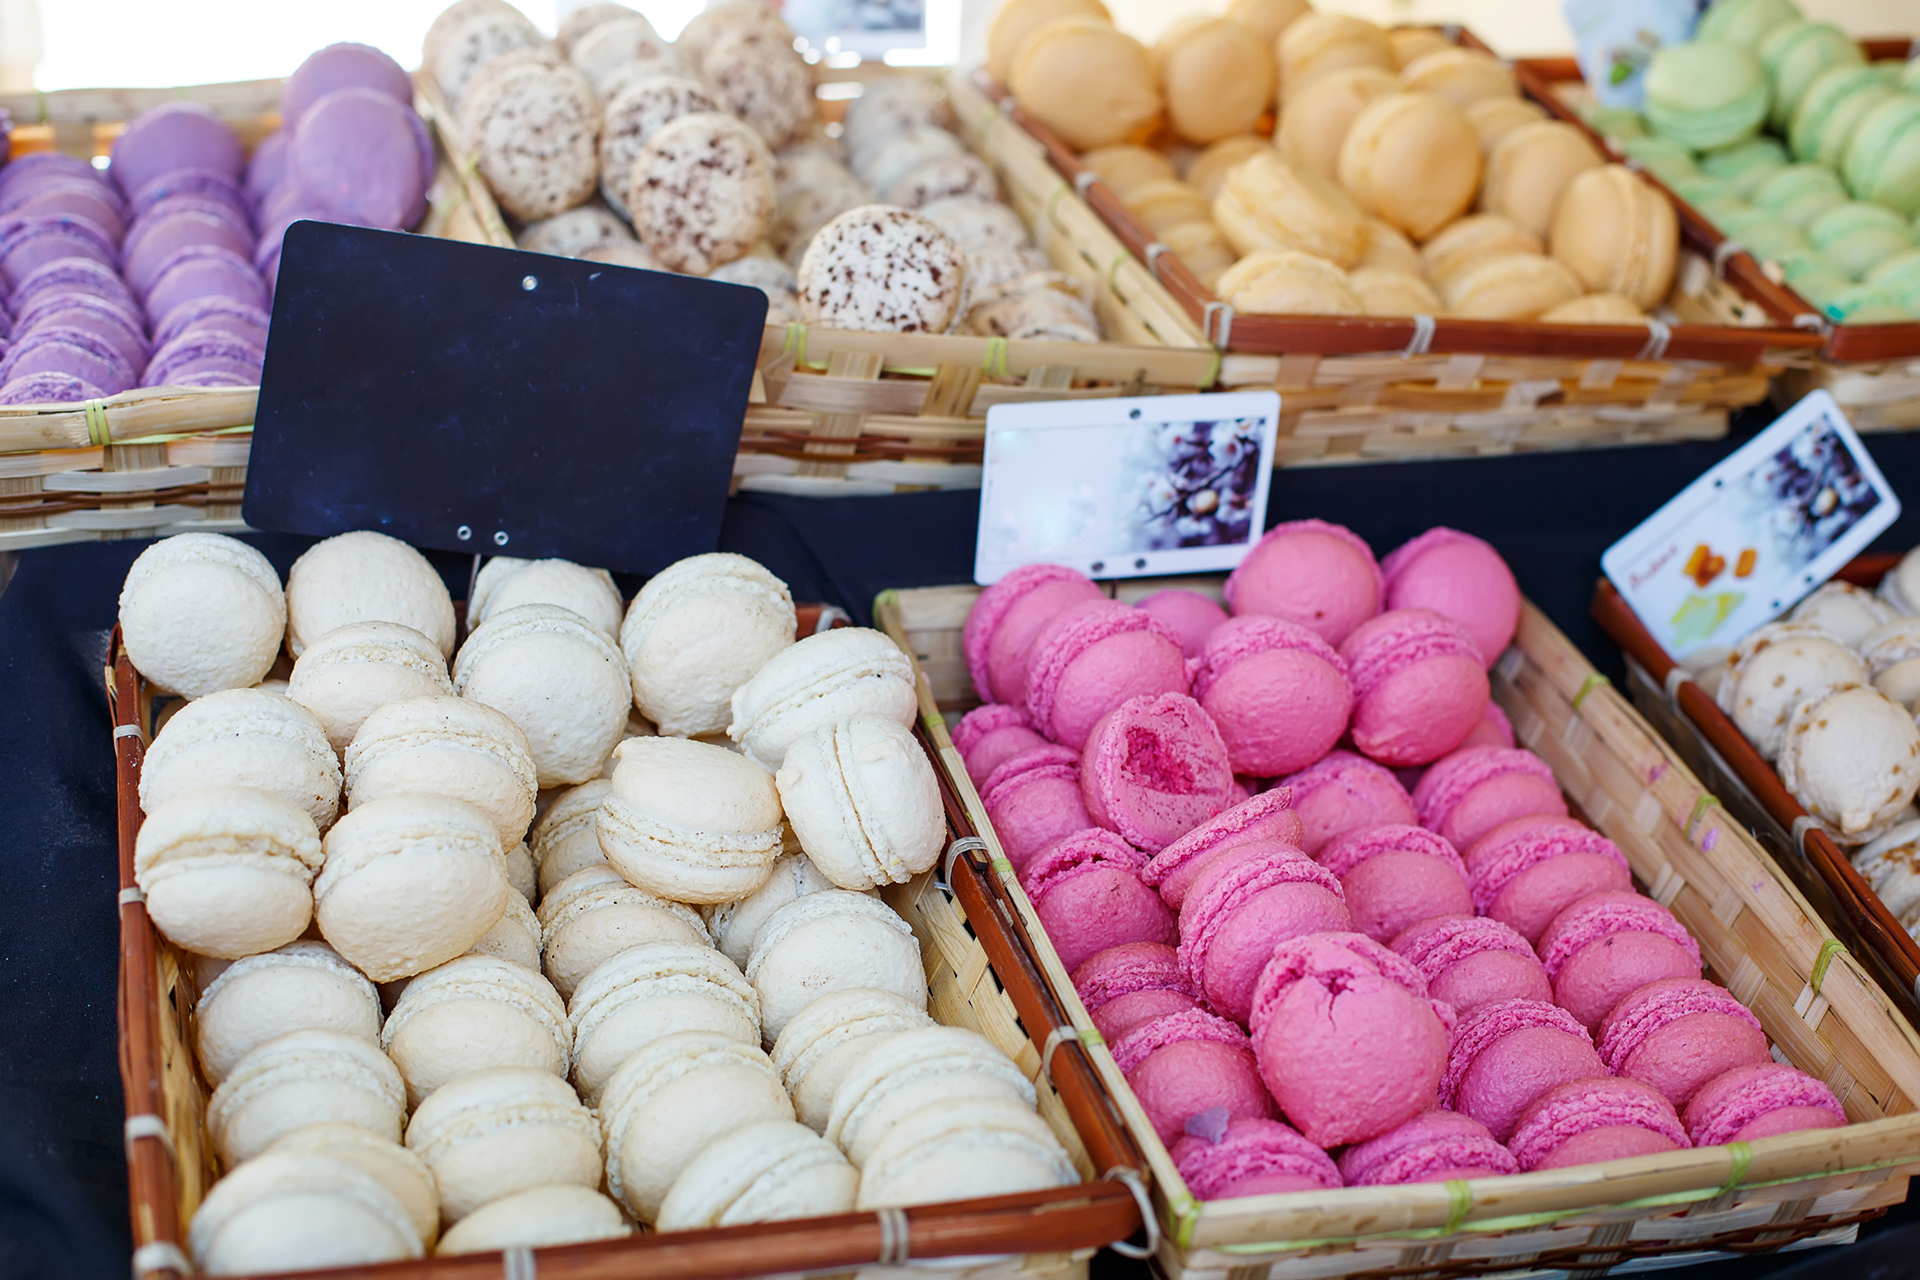 Los macarrones se originaron en Italia, pero los expertos creen que llegaron a Francia en el siglo XVI. La primera tienda de macarrones francesa fue Laudrée , que abrió en 1892 y ahora alcanza las principales ciudades gastronómicas del mundo